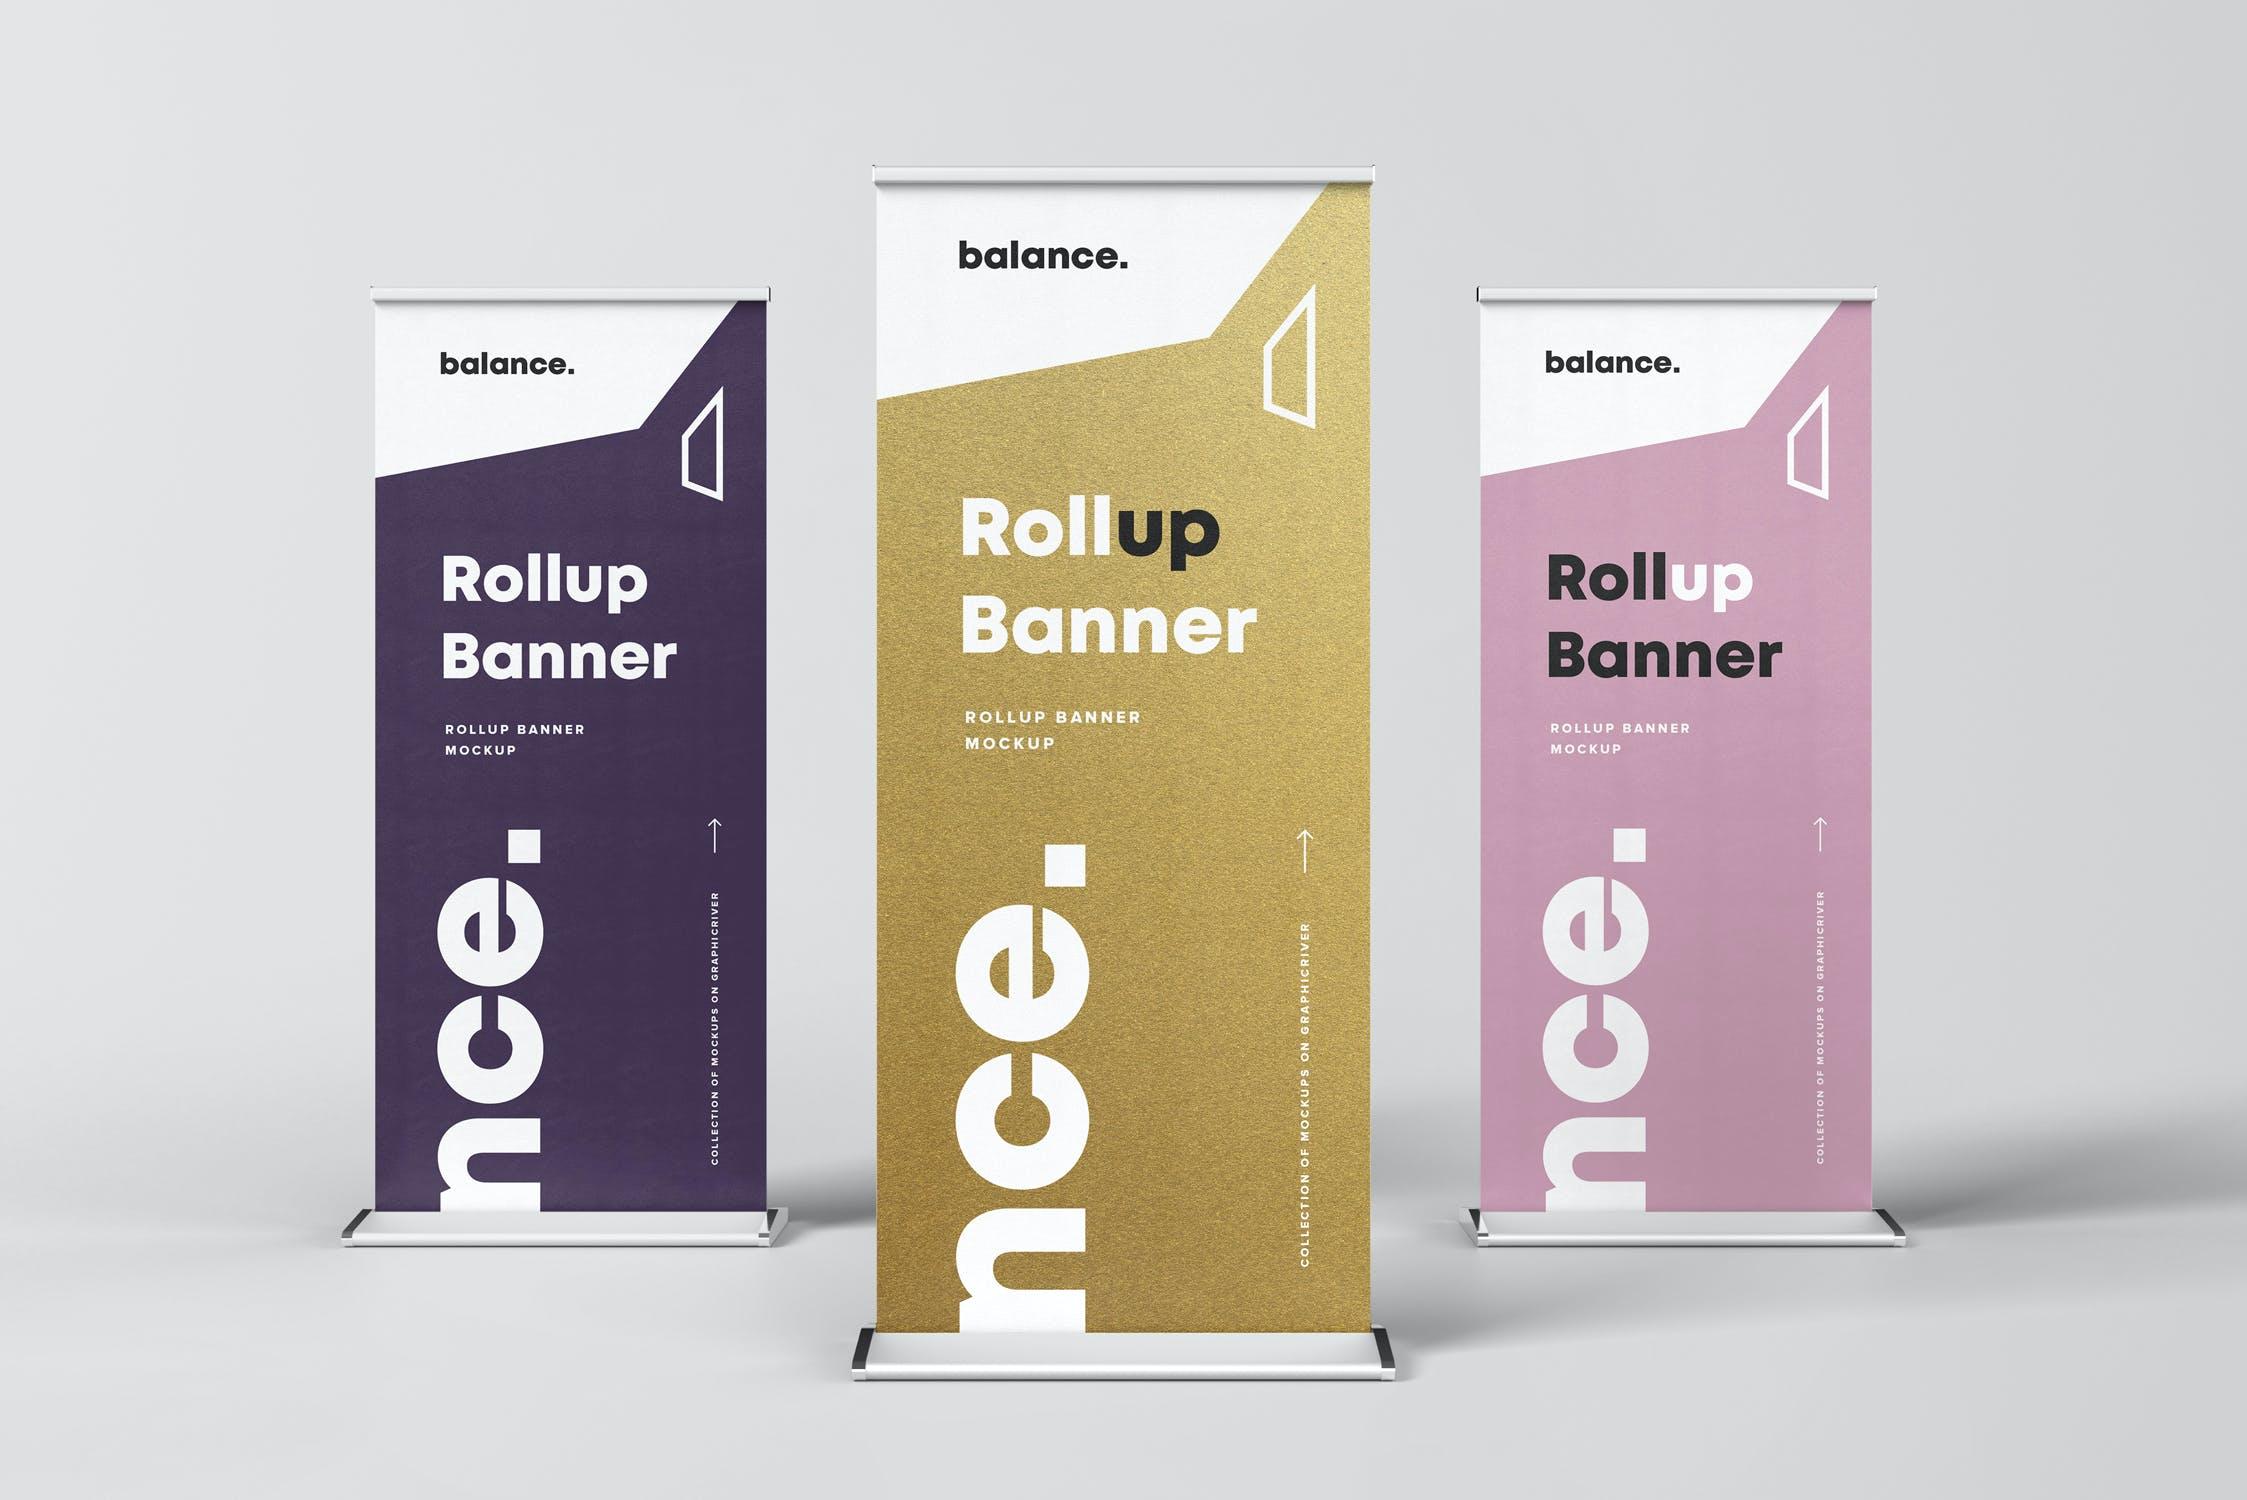 7款自立式易拉宝展架横幅海报设计展示样机模板 Roll Up Banner Mockup插图(1)